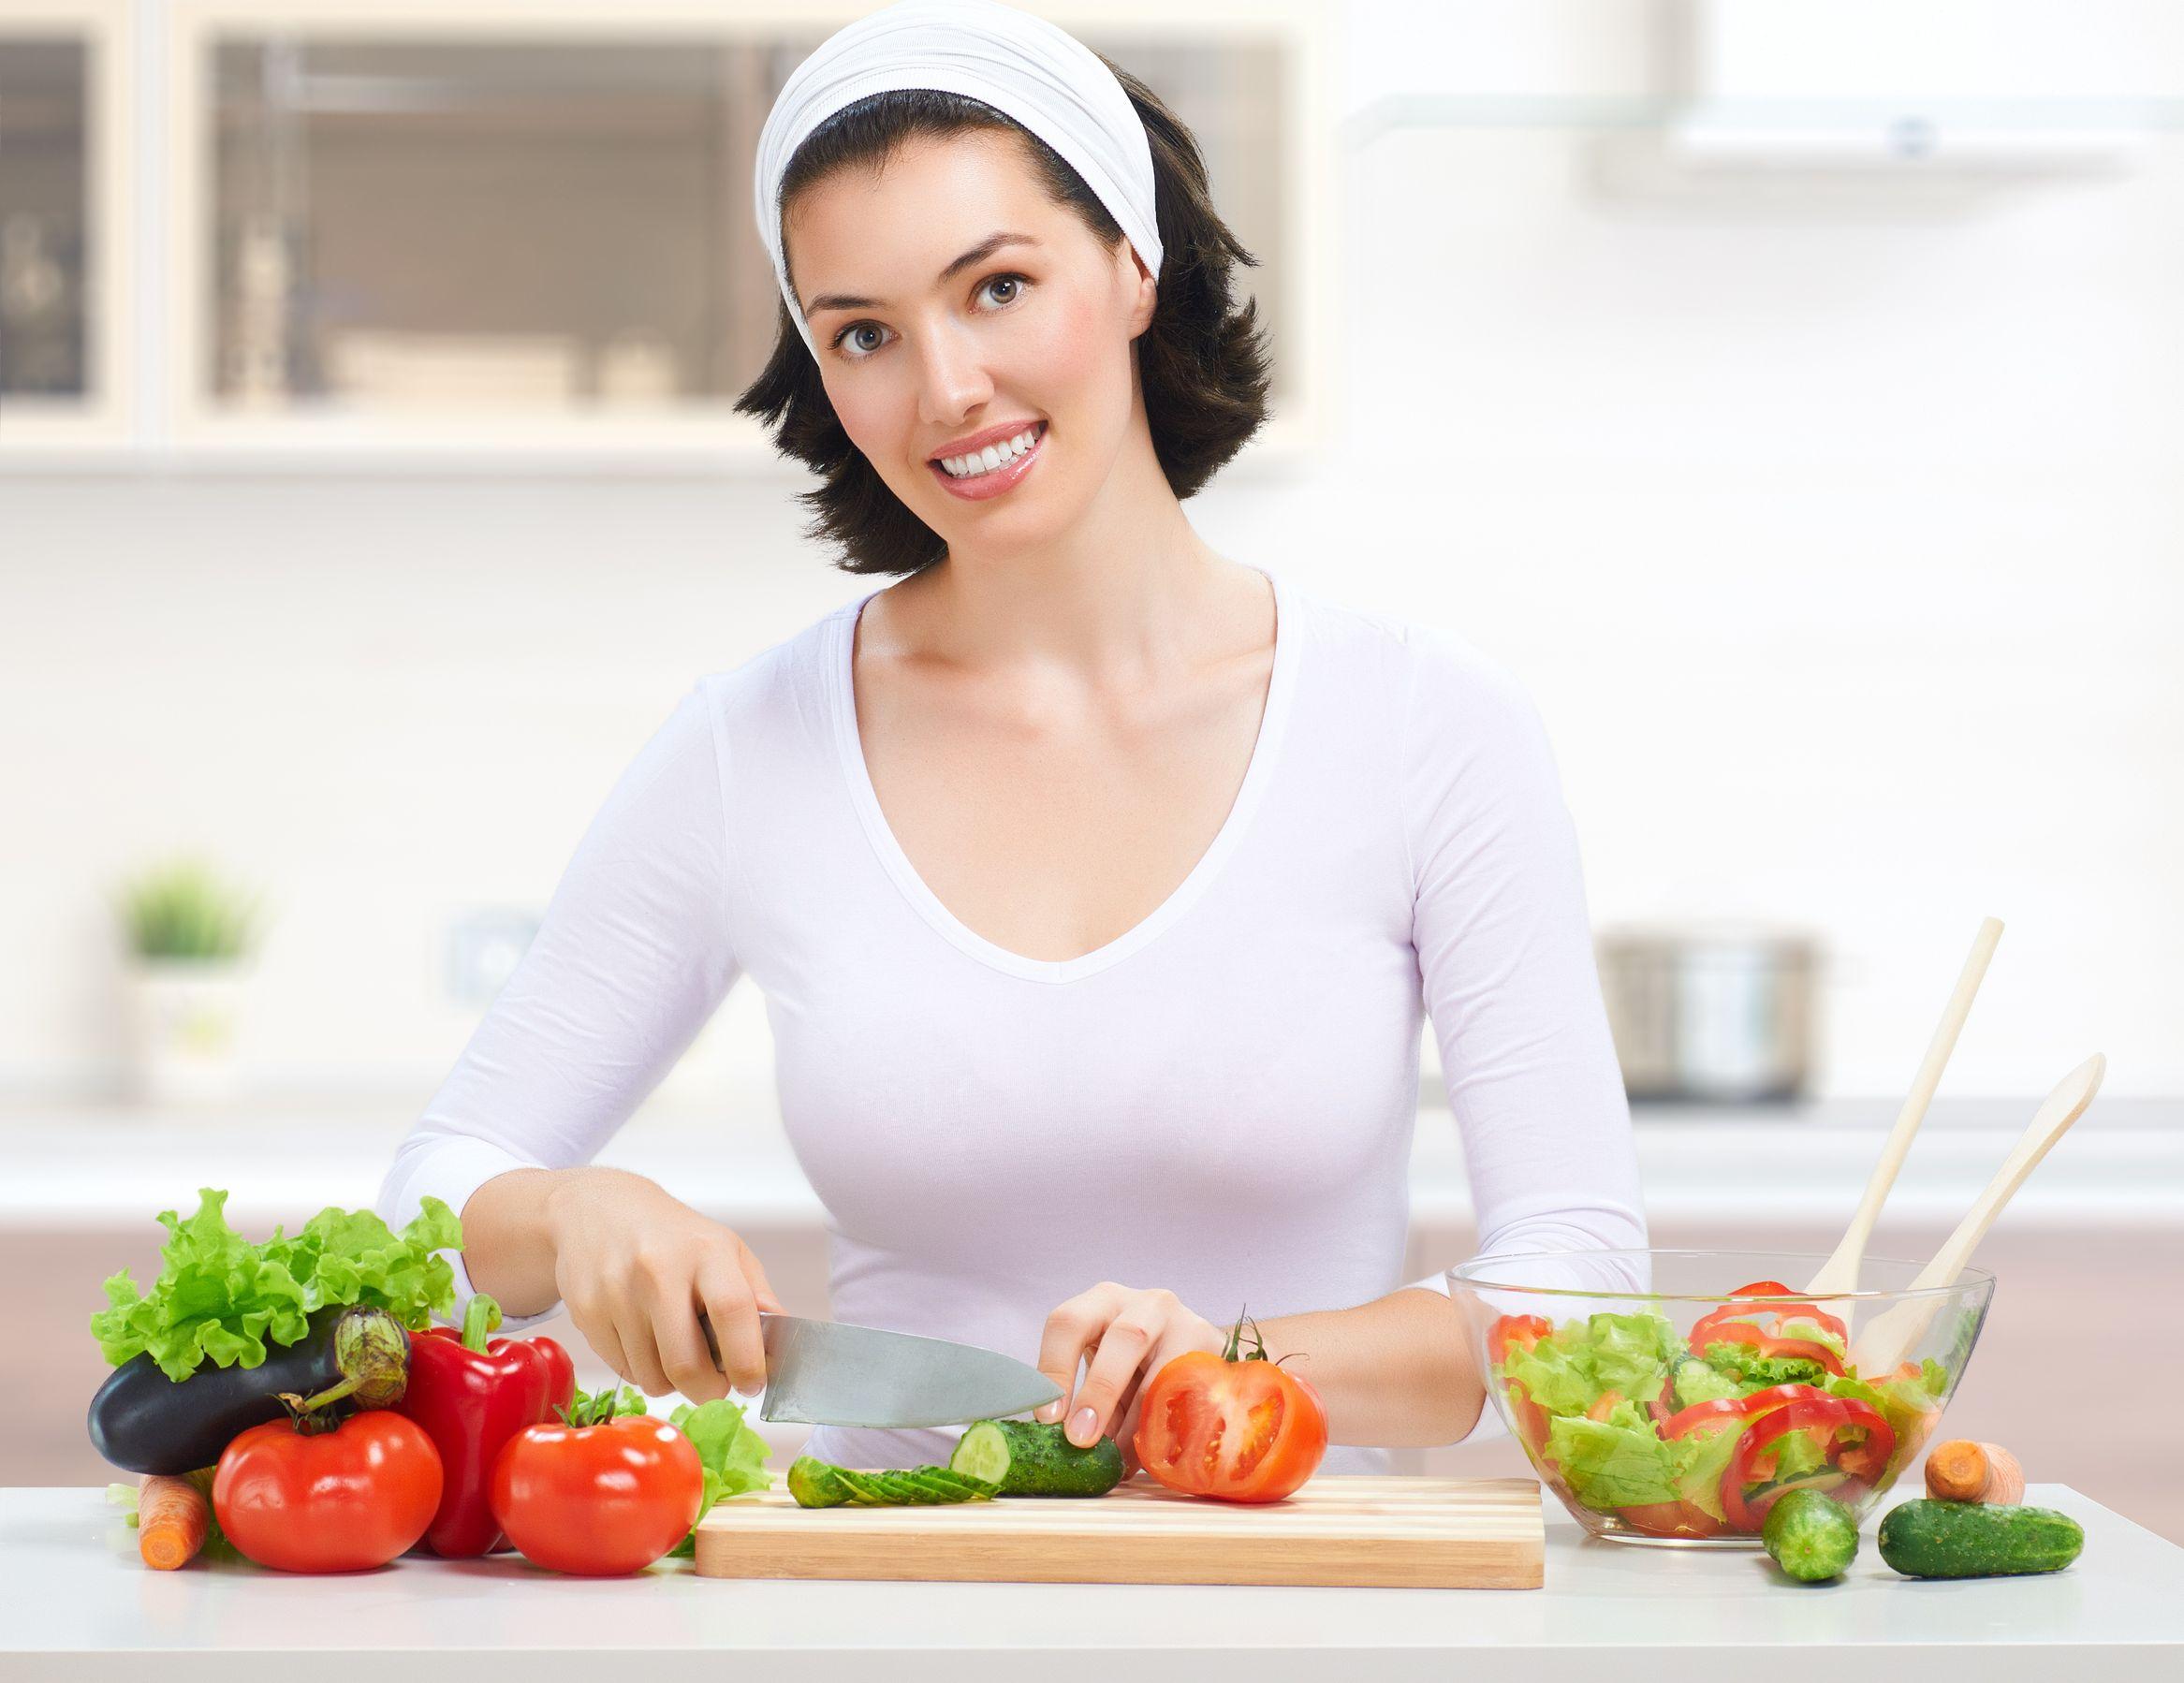 ミトコンドリアを増やす栄養素